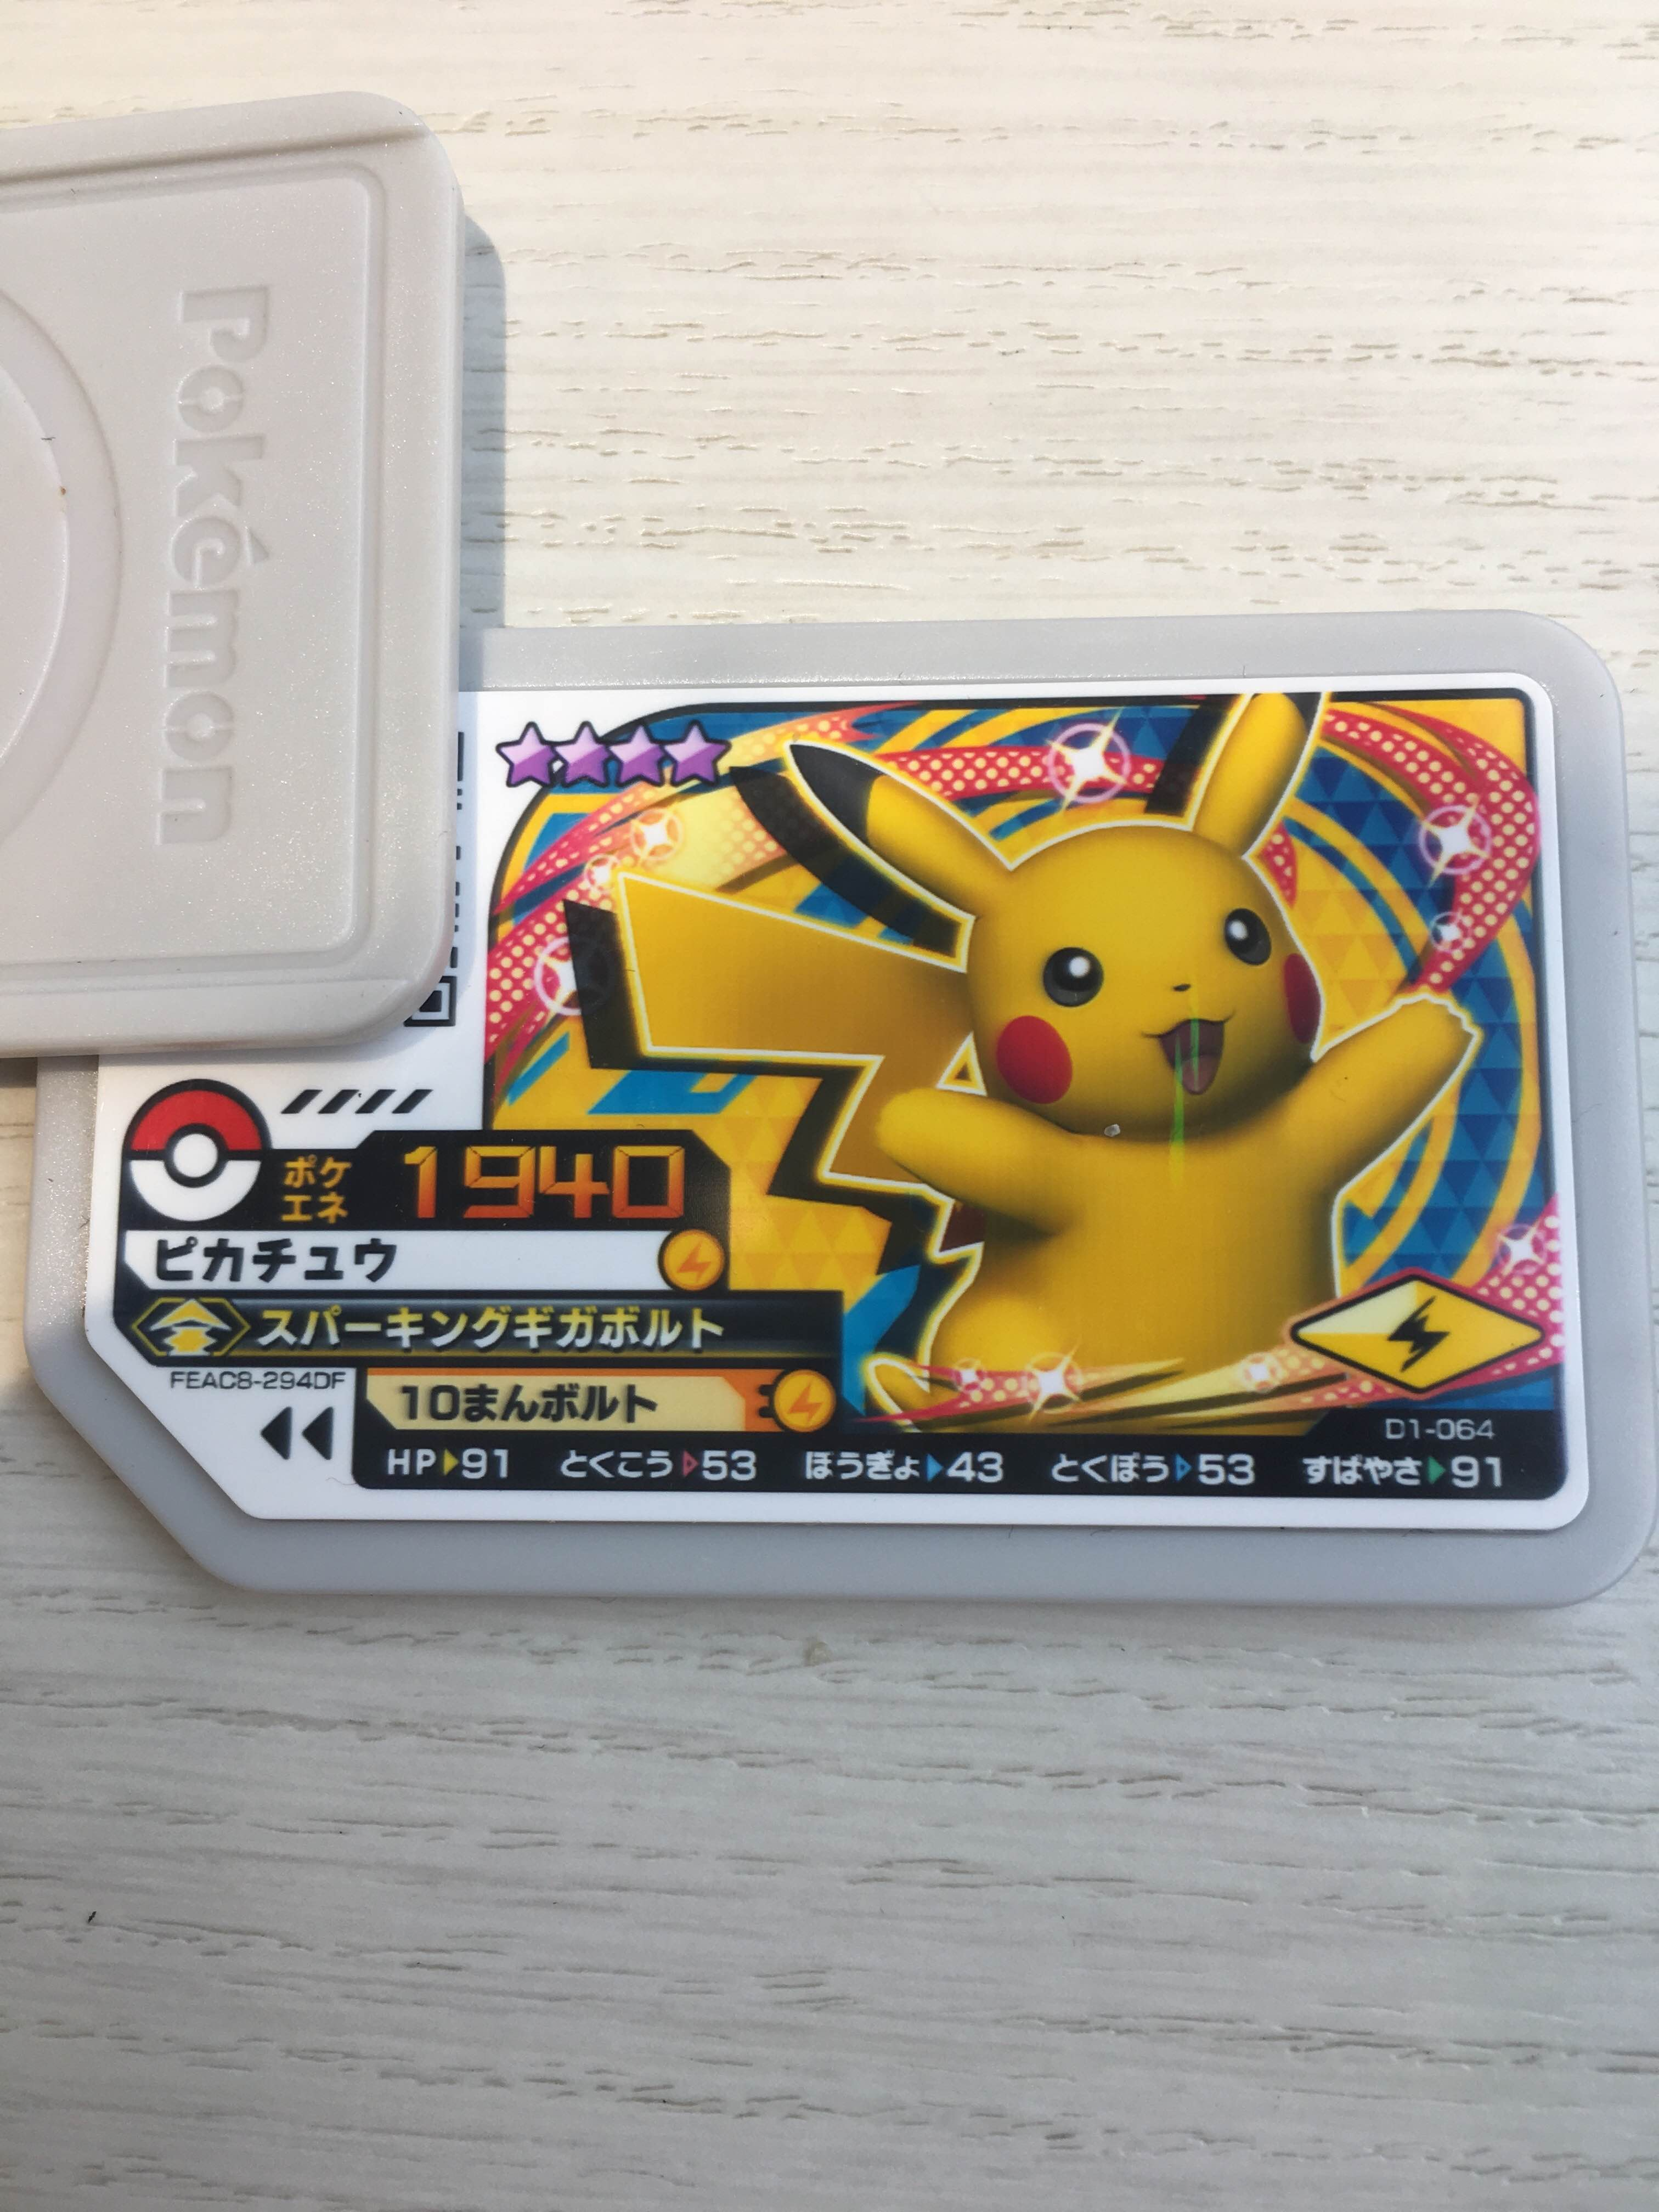 メルカリ - ガオーレ ピカチュウ 【ポケモンカードゲーム】 (¥300